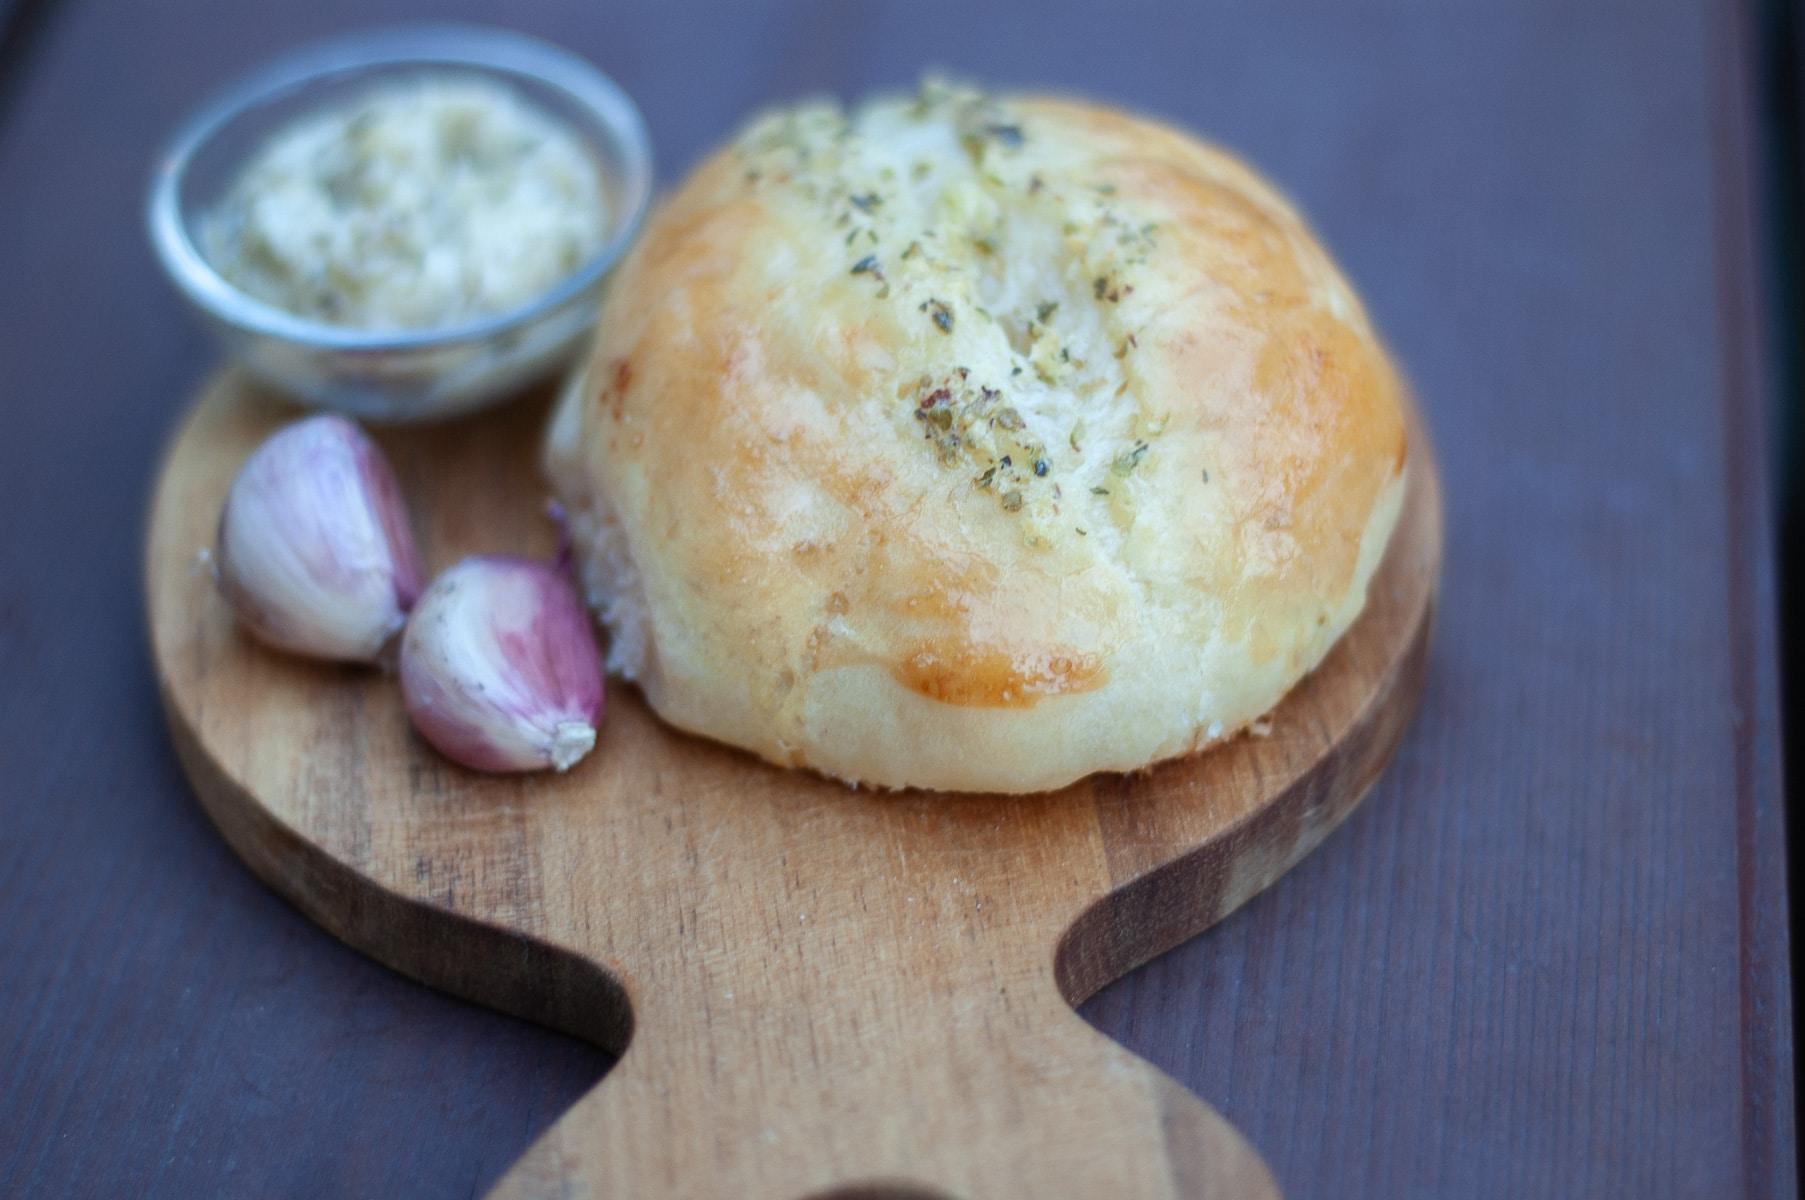 bułeczka na desce obok czosnek i masło